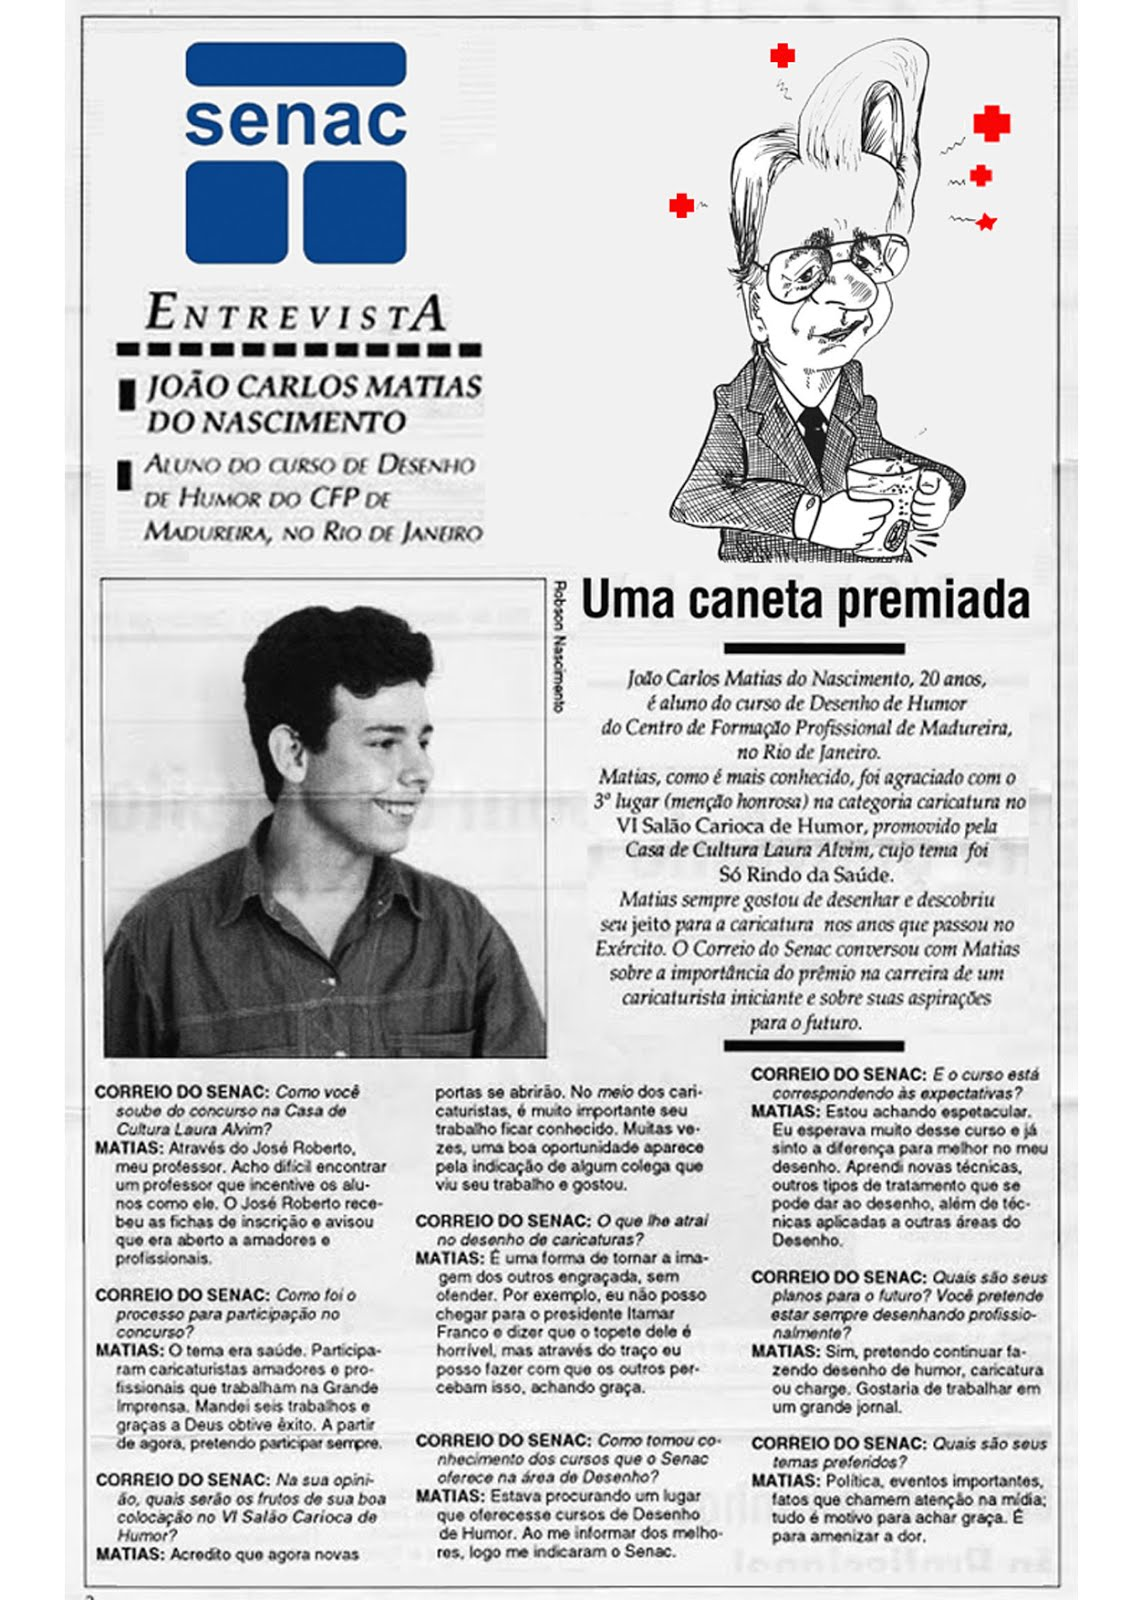 DESDE 1993 MESMO!  Jornal Correio do Senac/1993